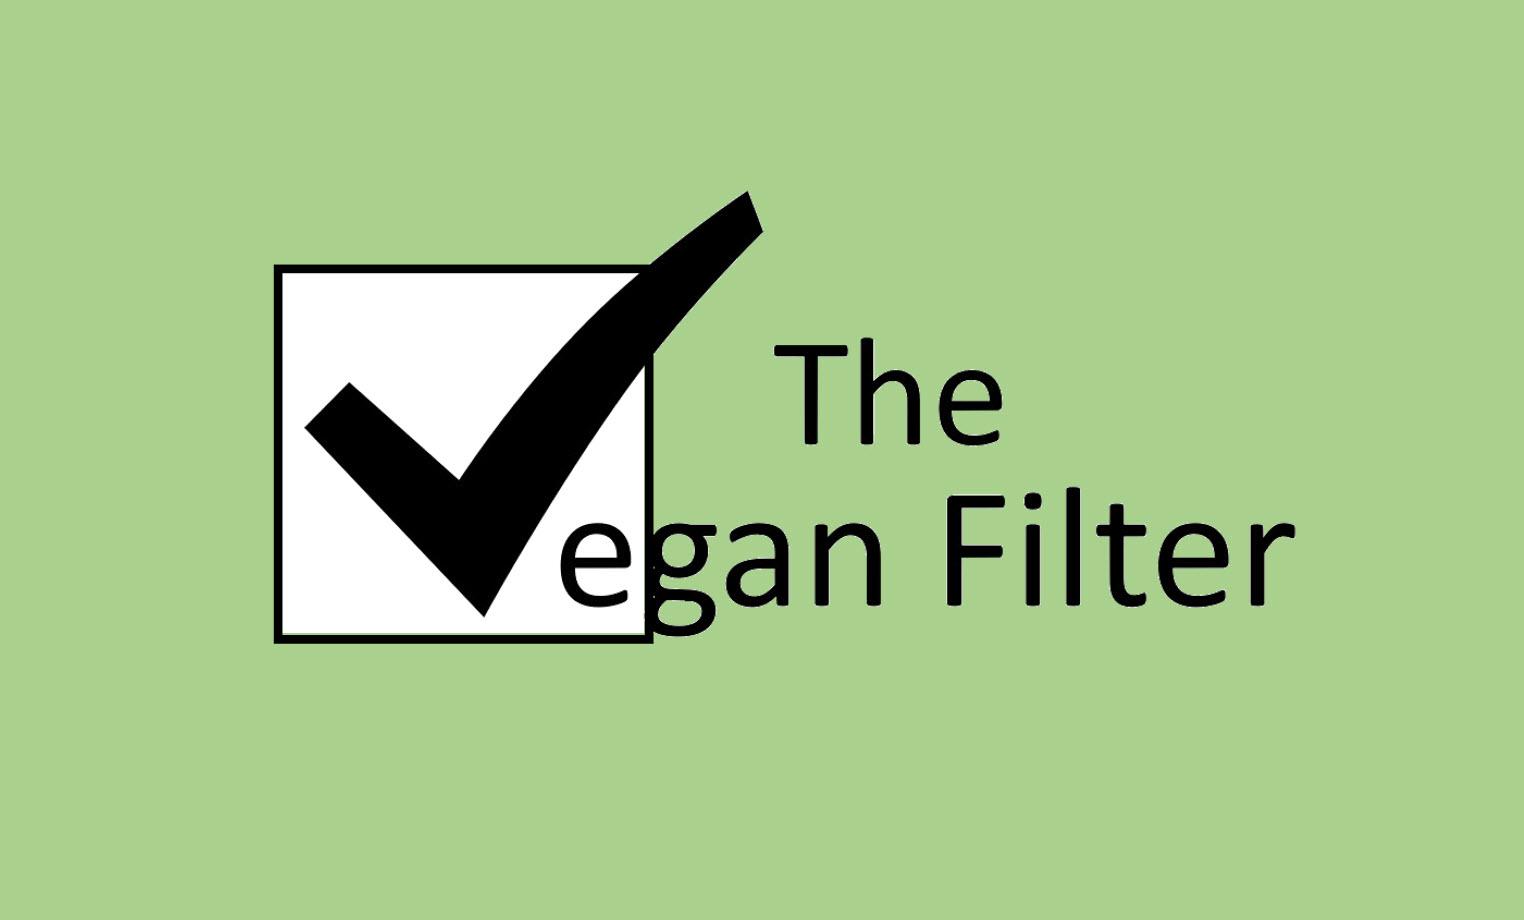 The Vegan Filter